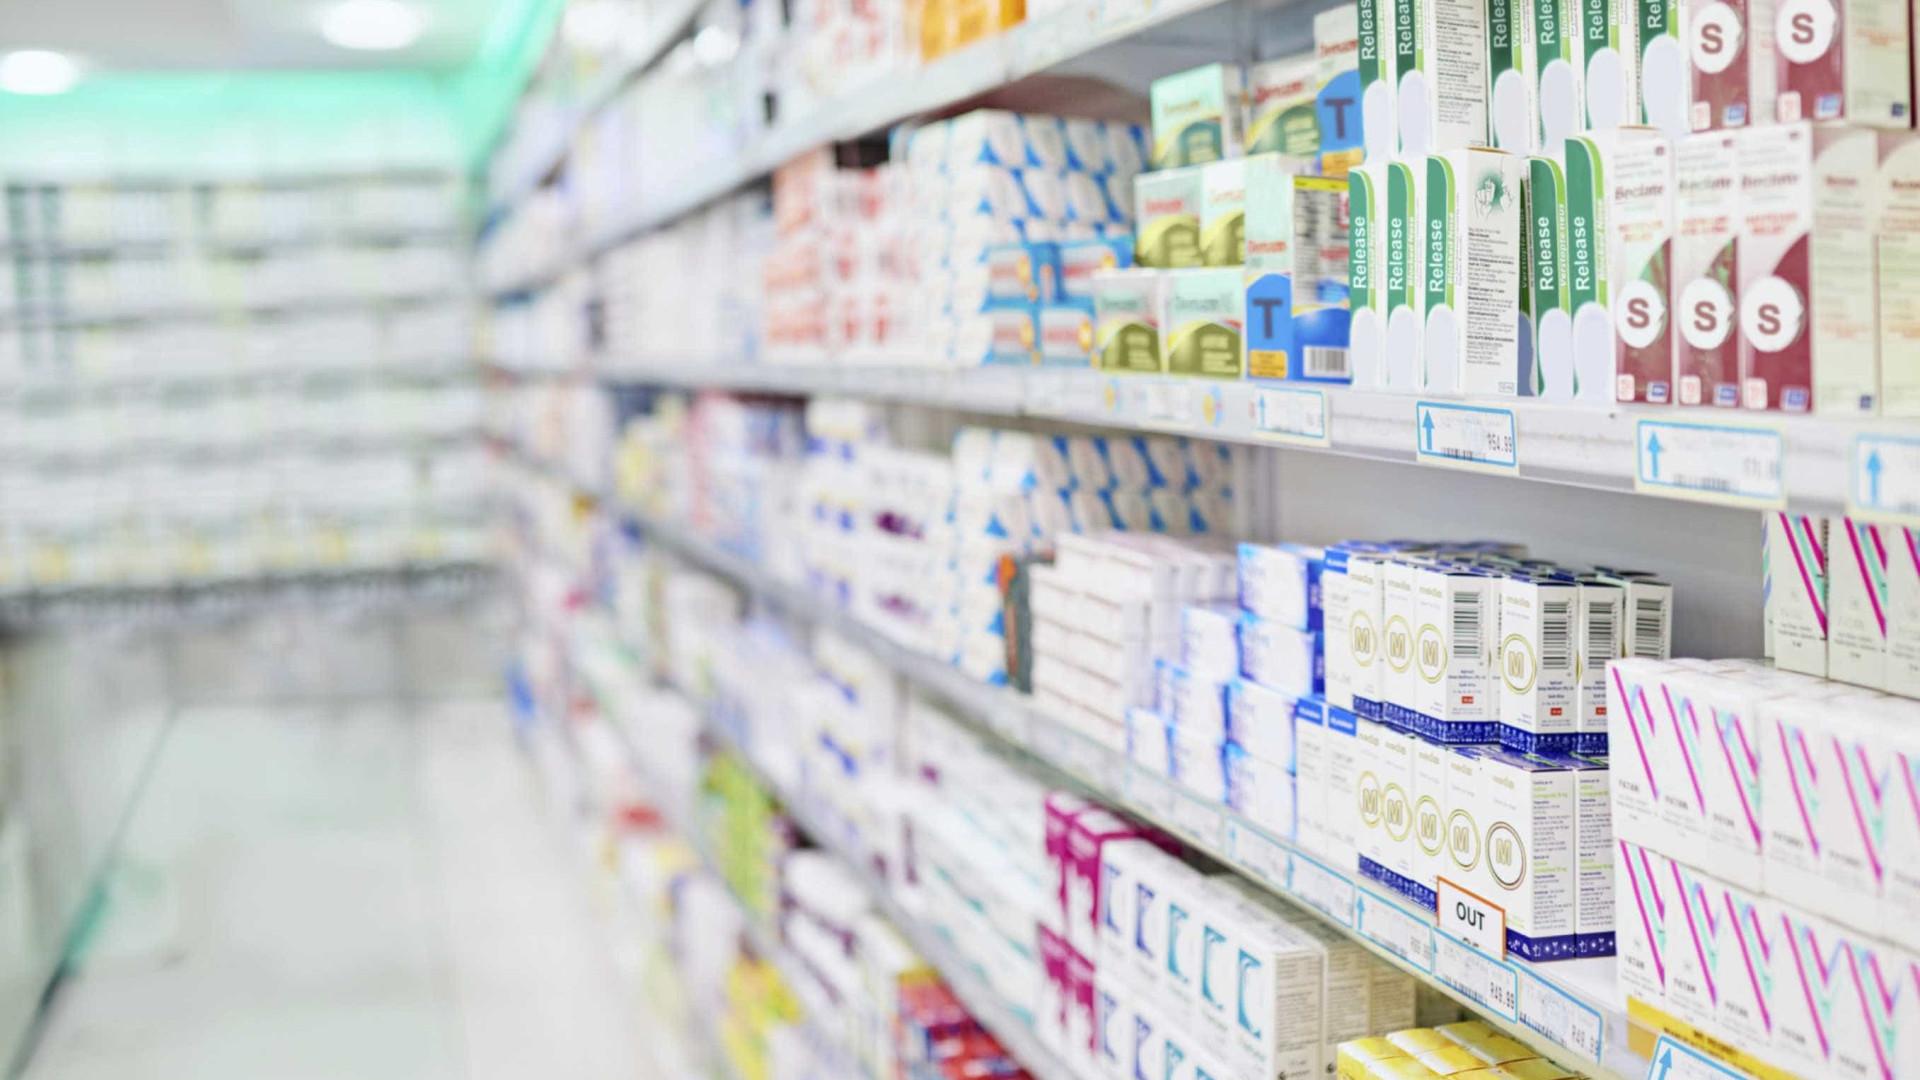 Maioria dos portugueses ainda não deixa restos de fármacos nas farmácias